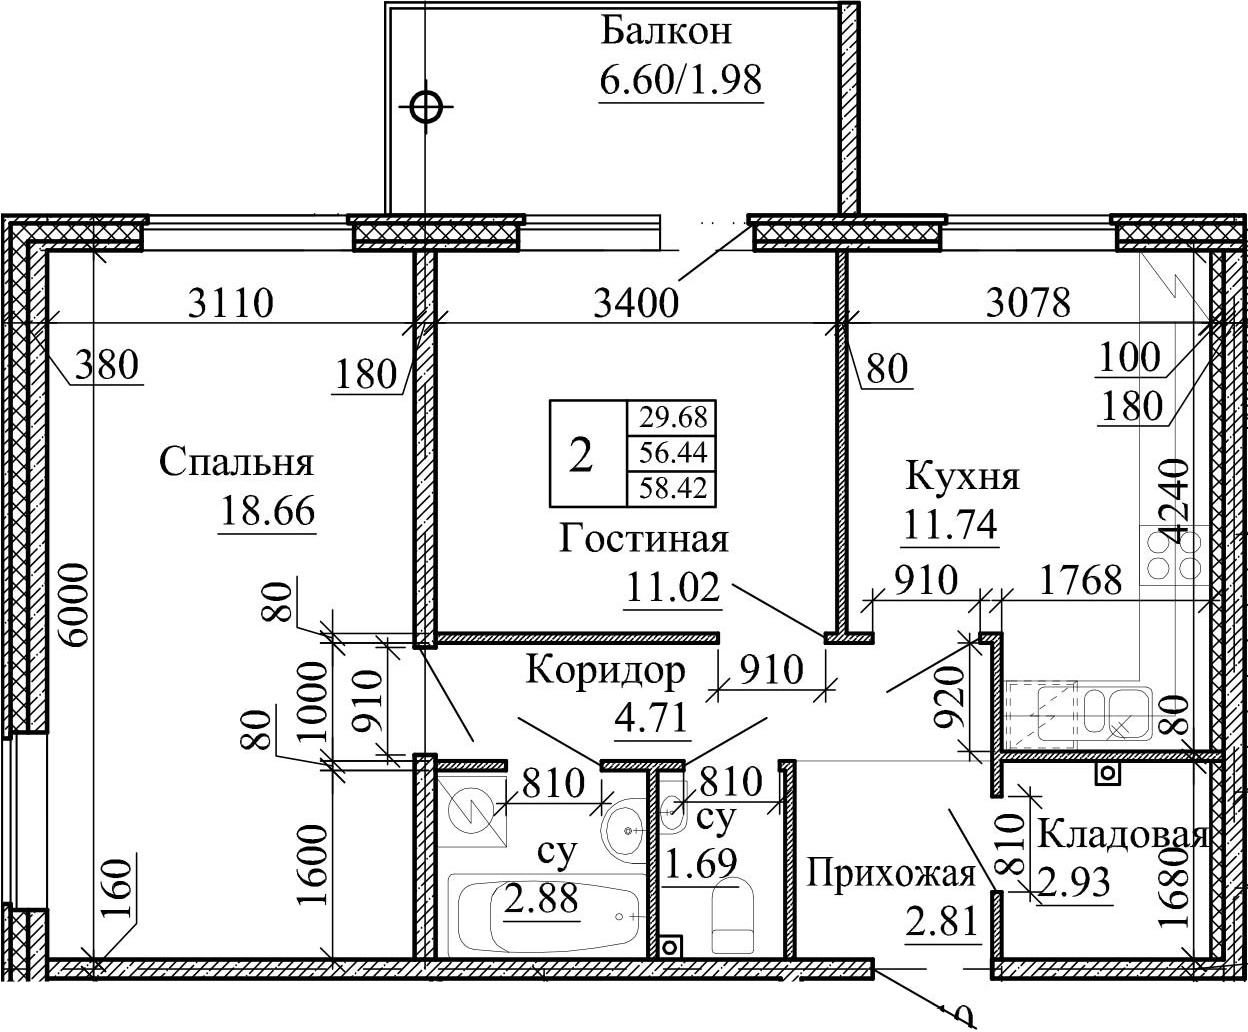 2-комнатная, 58.42 м²– 2